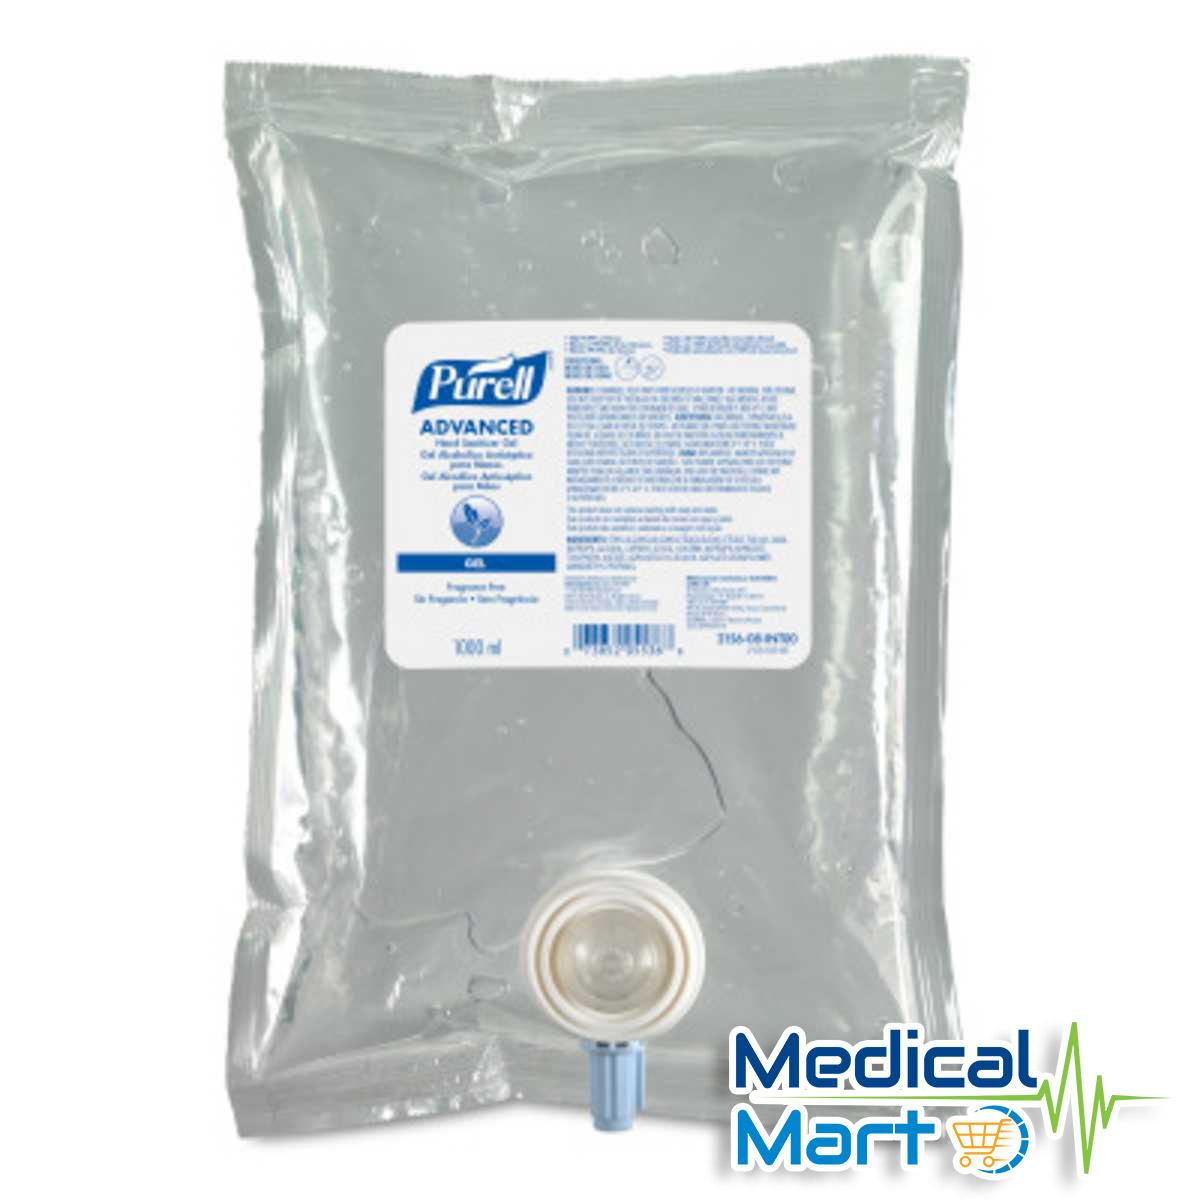 Purell Hand Sanitizer Refill 1ltr